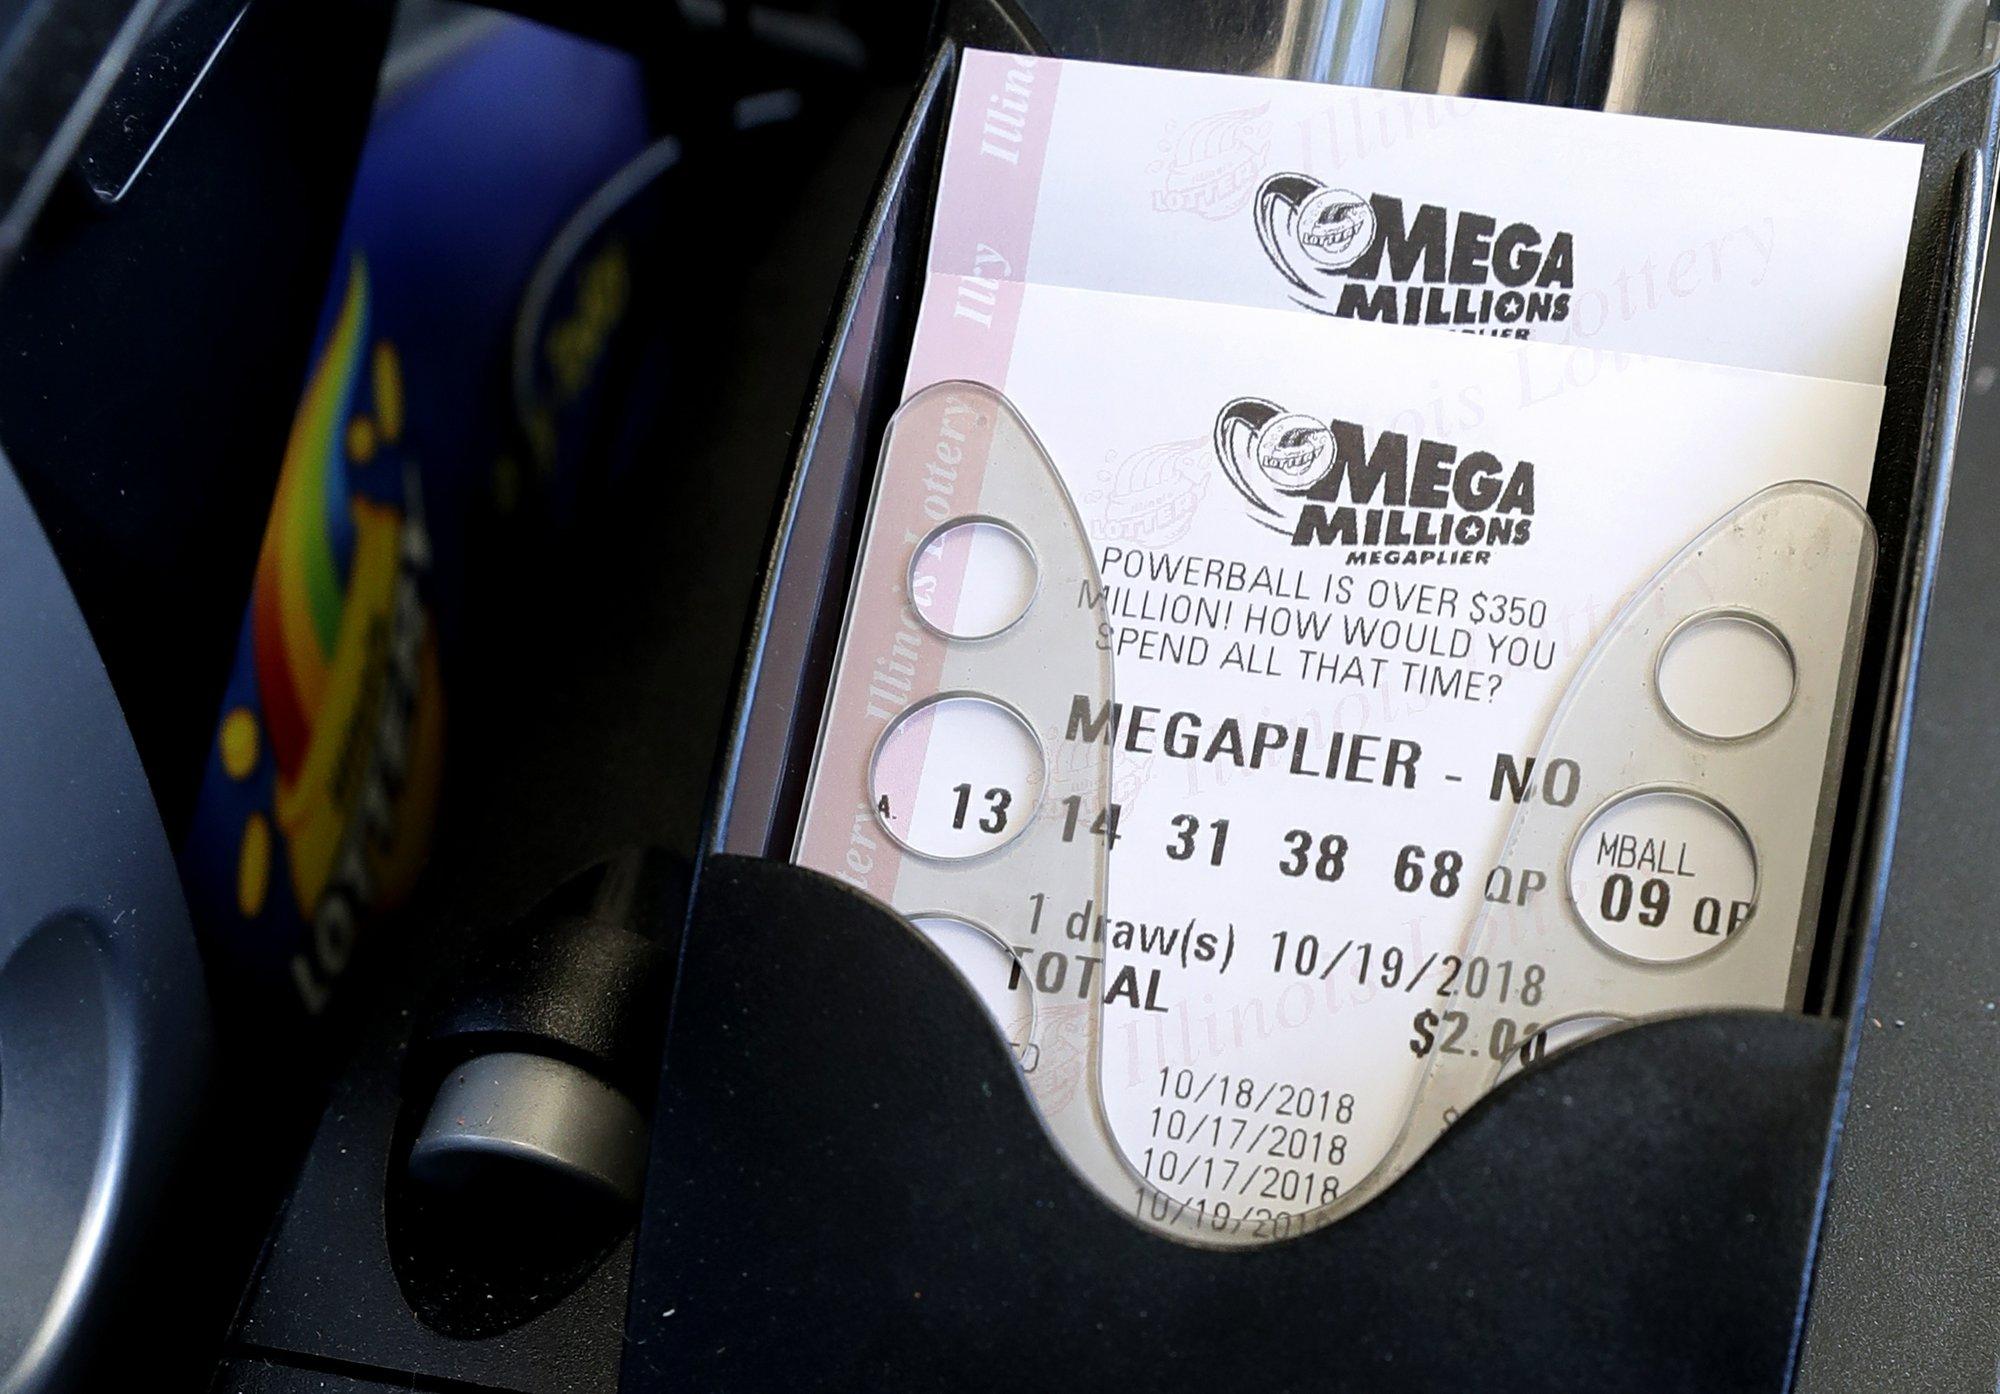 generic Mega Millions ticket_1540041895061.jpeg.jpg